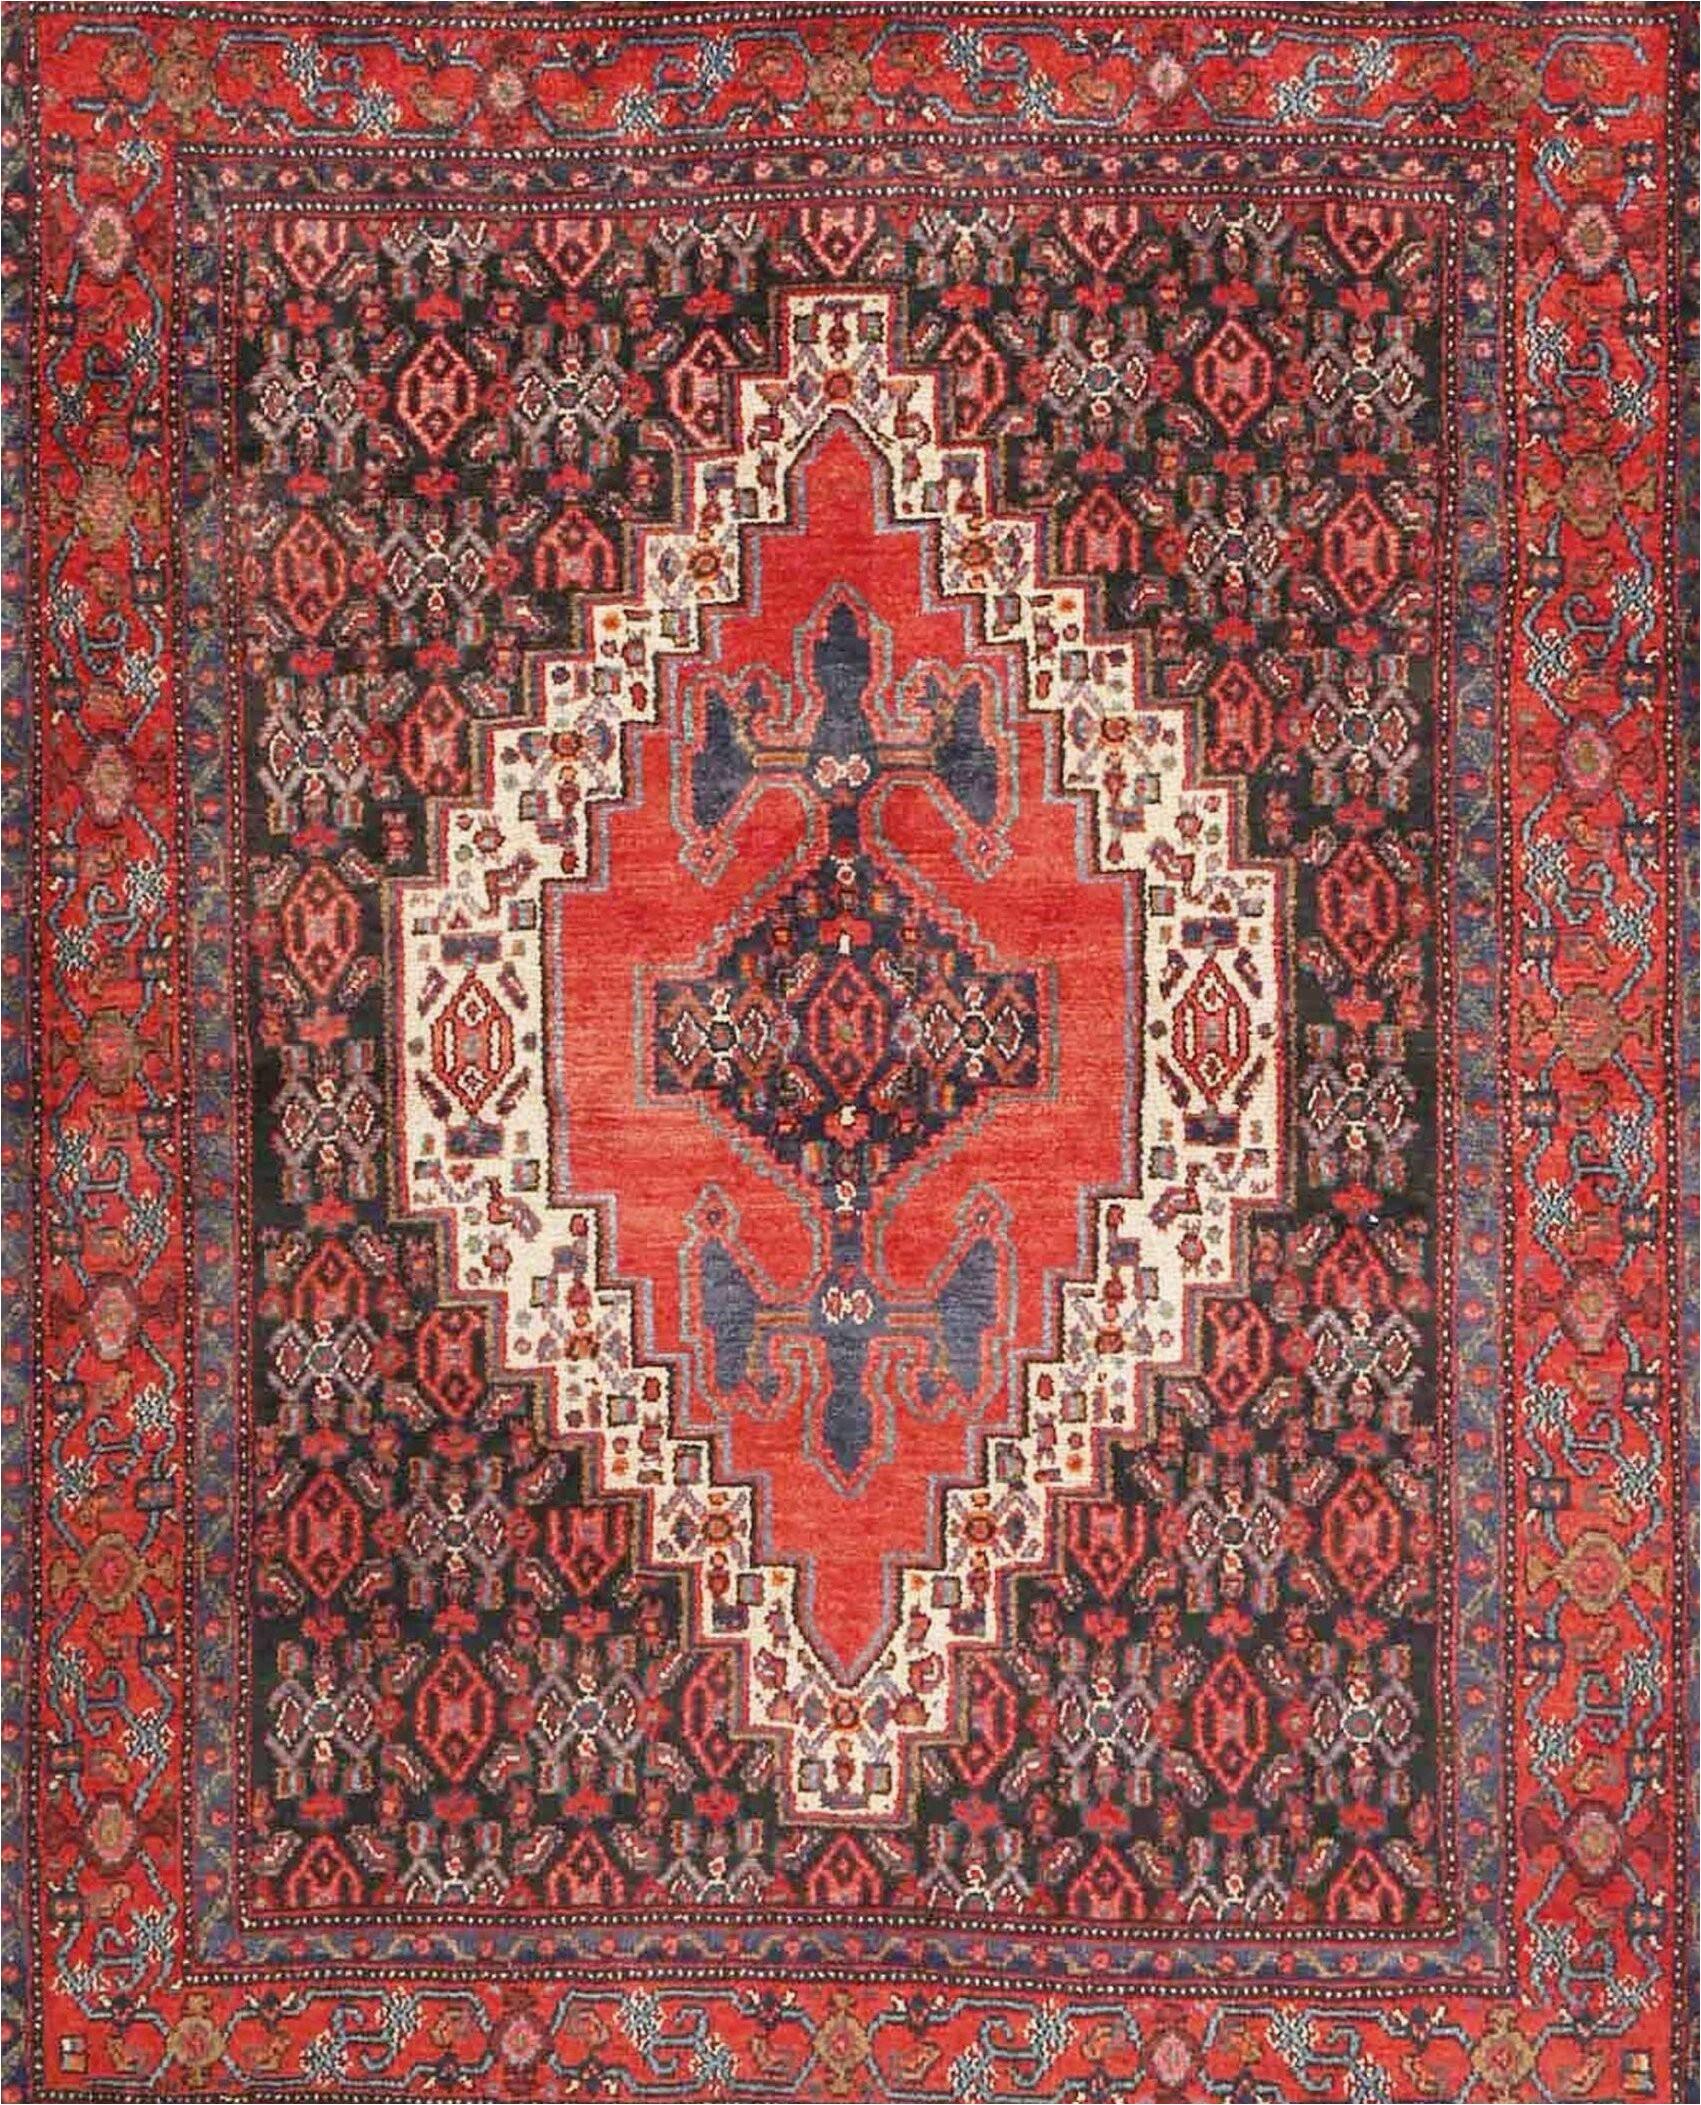 doyle ward traditional redblackcream area rug